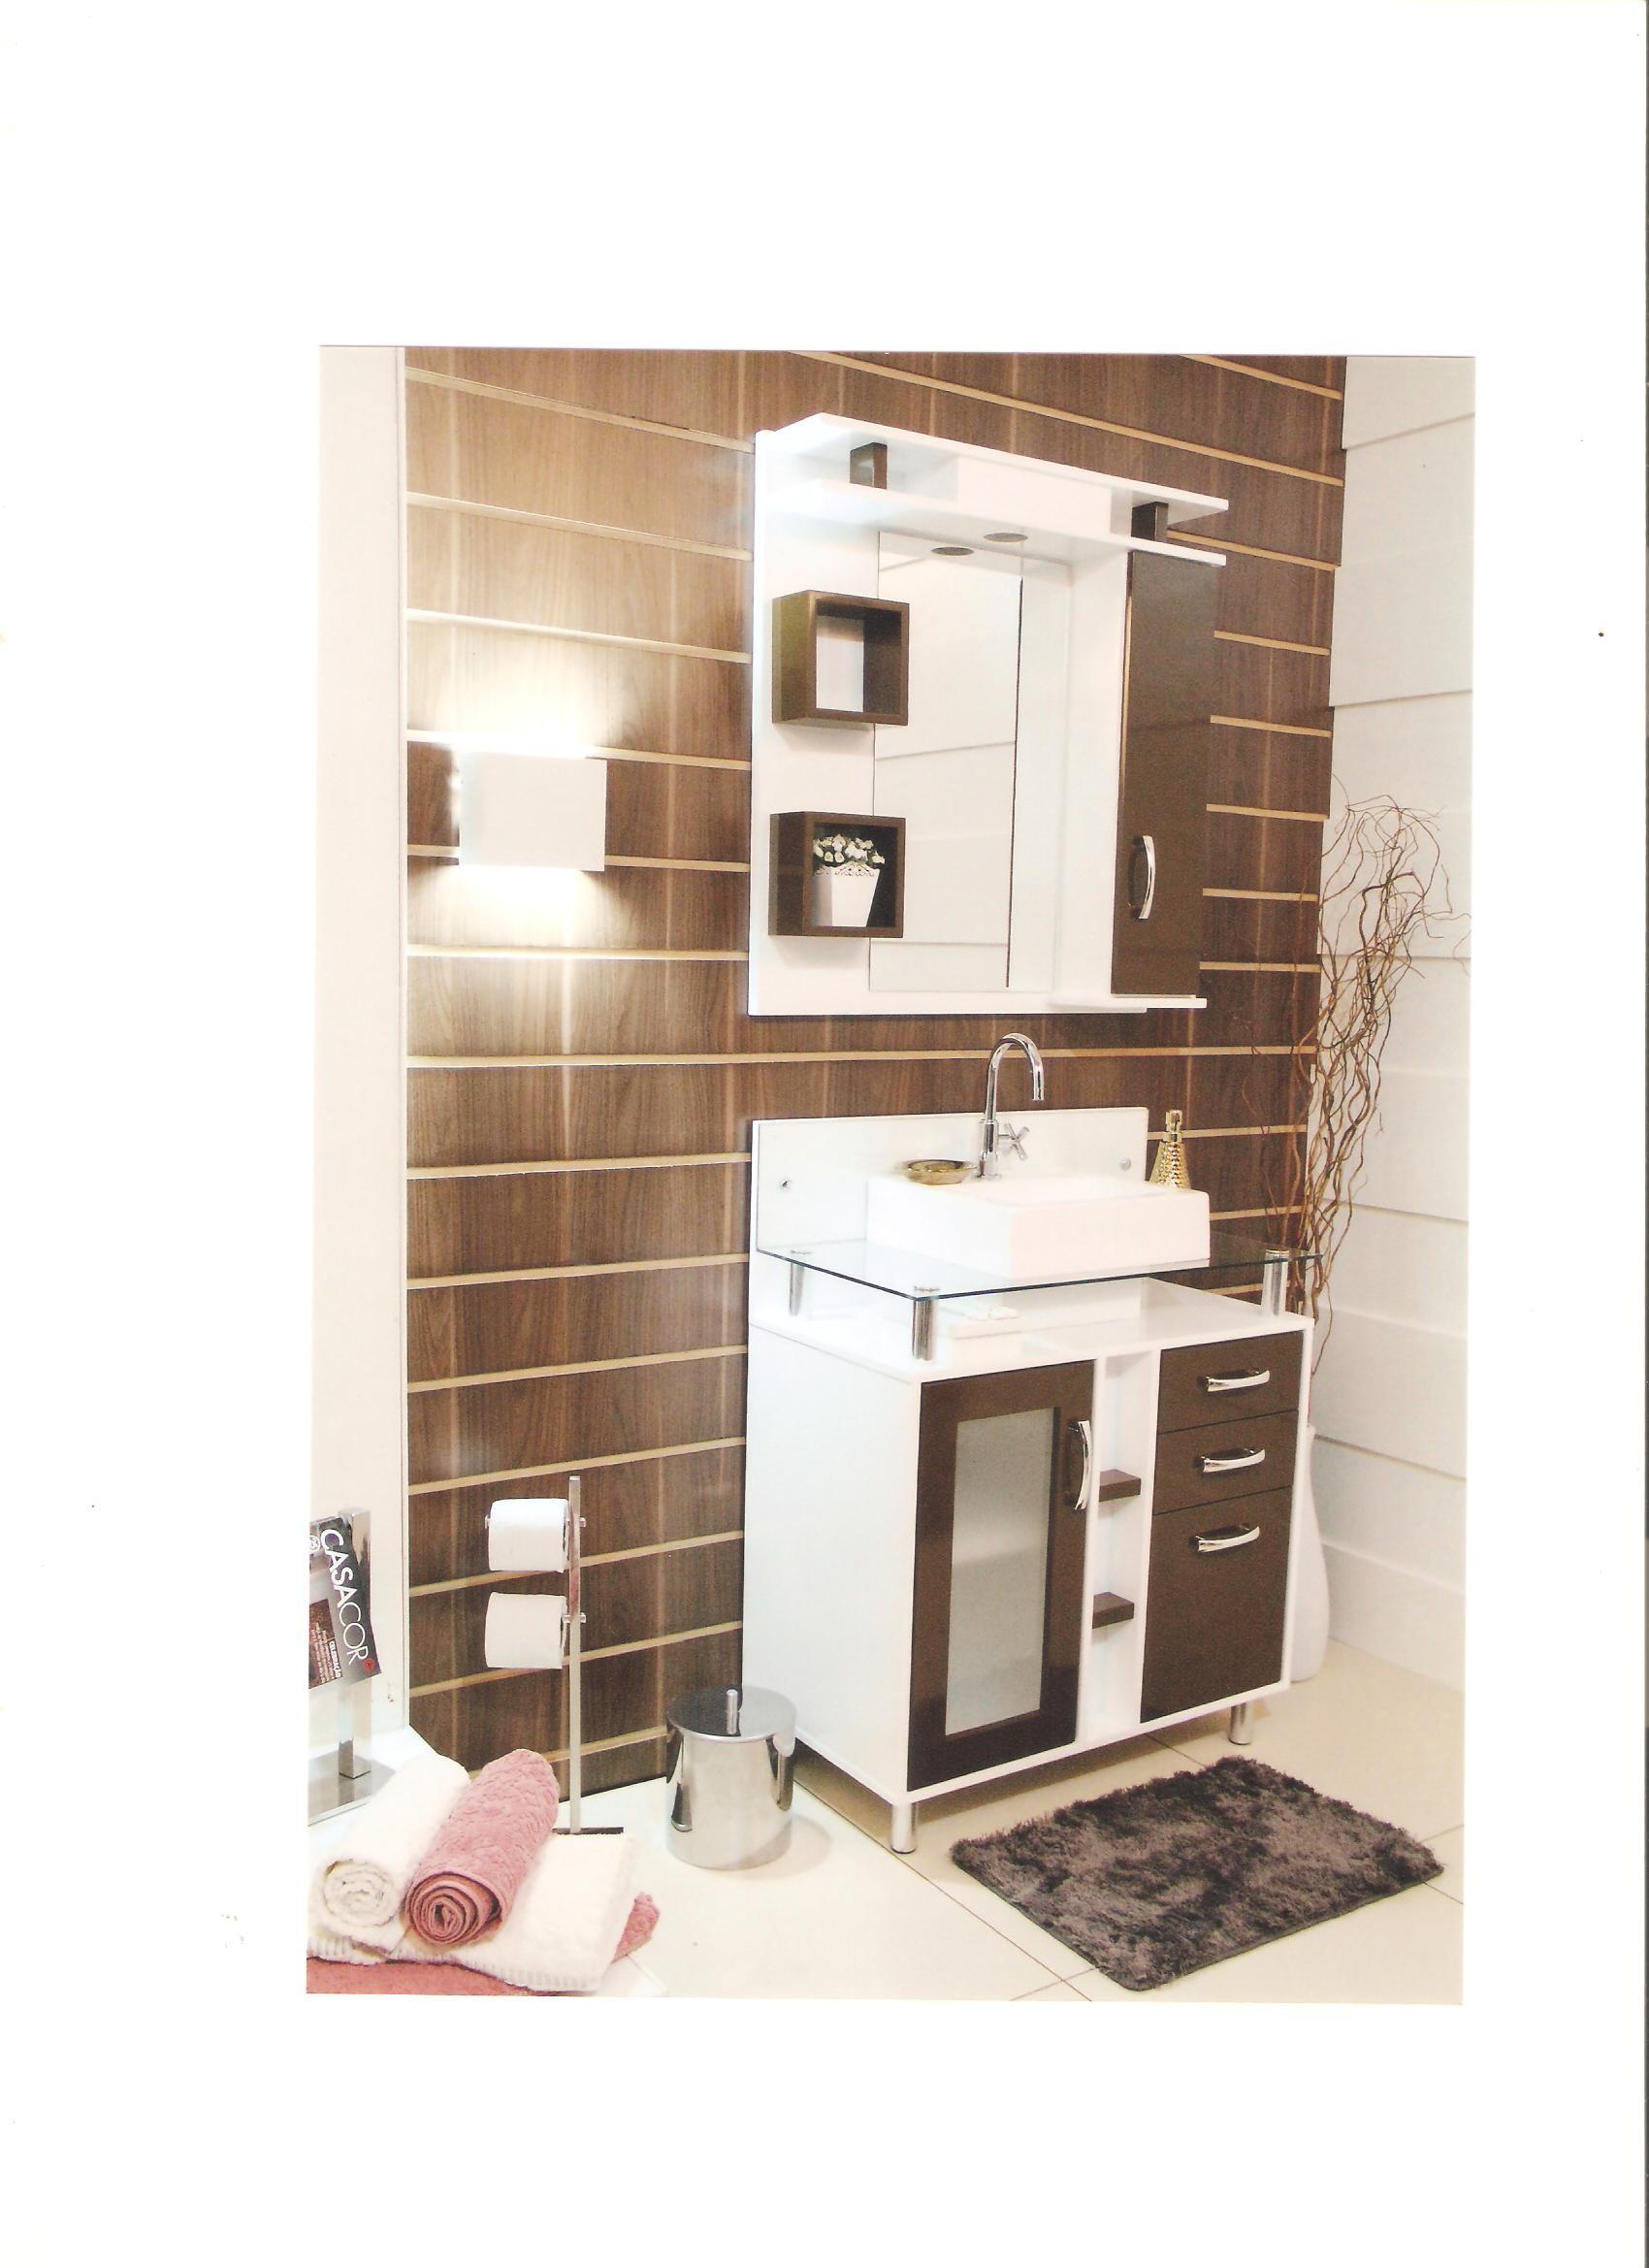 #8B6540 Cuba Para Banheiro De Apoio Celite Essencial à ¡gua Preto 61077  1700x2338 px pia banheiro cimento queimado